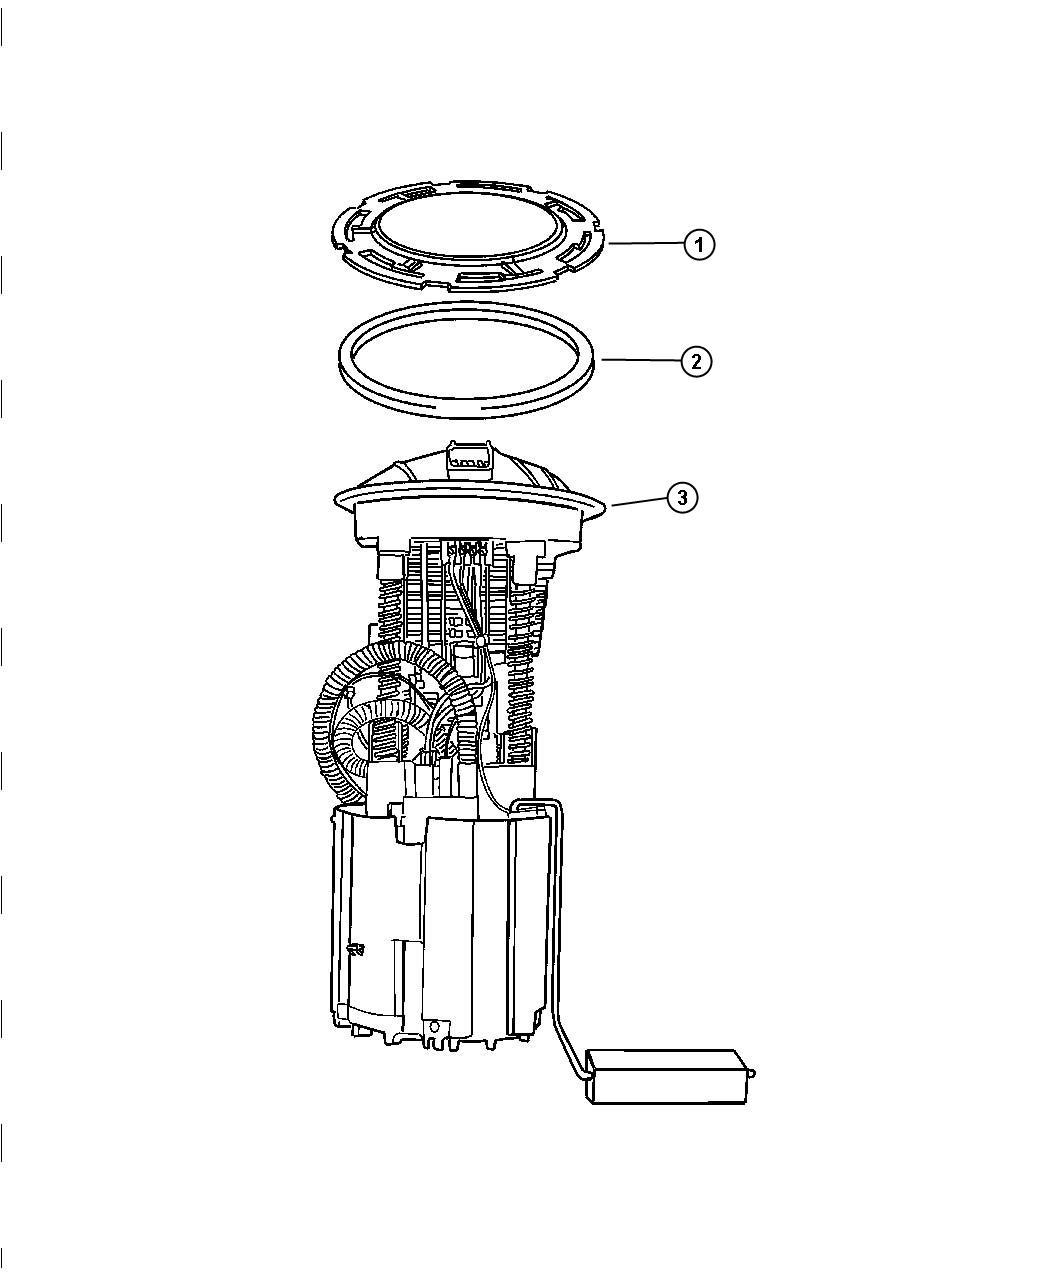 2007 Chrysler Aspen Module Package  Fuel Pump  Level Unit